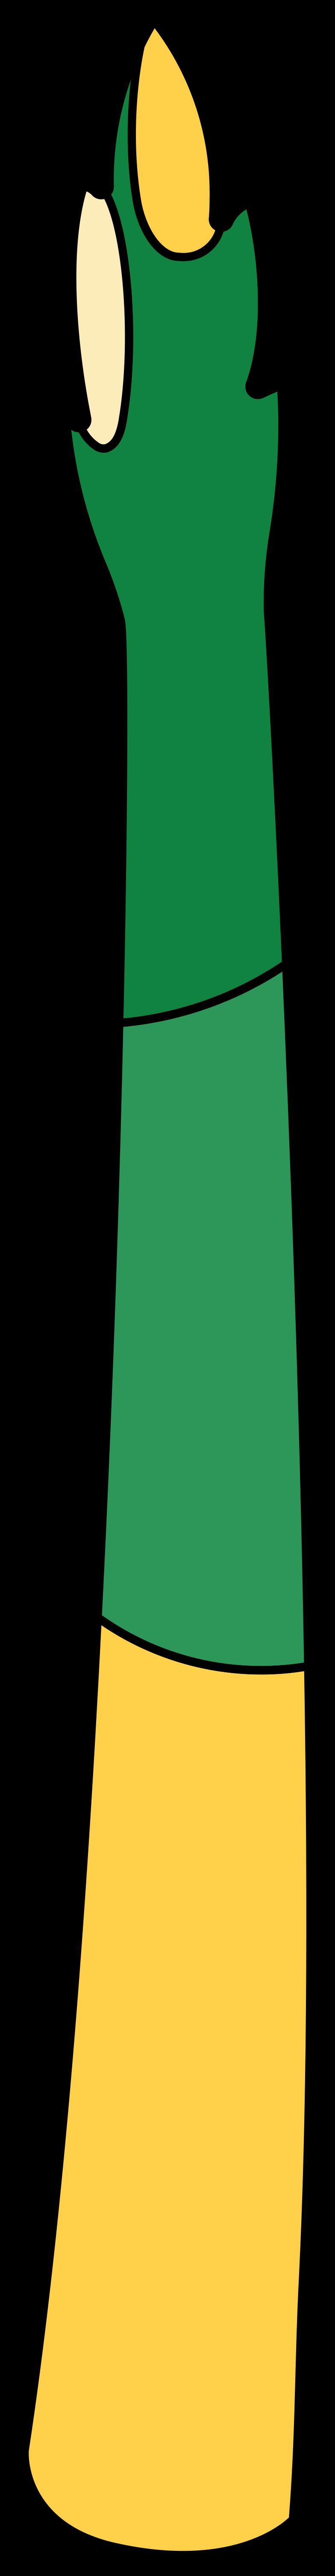 PNGとSVGの  スタイルの mアスパラガス ベクターイメージ | Icons8 イラスト